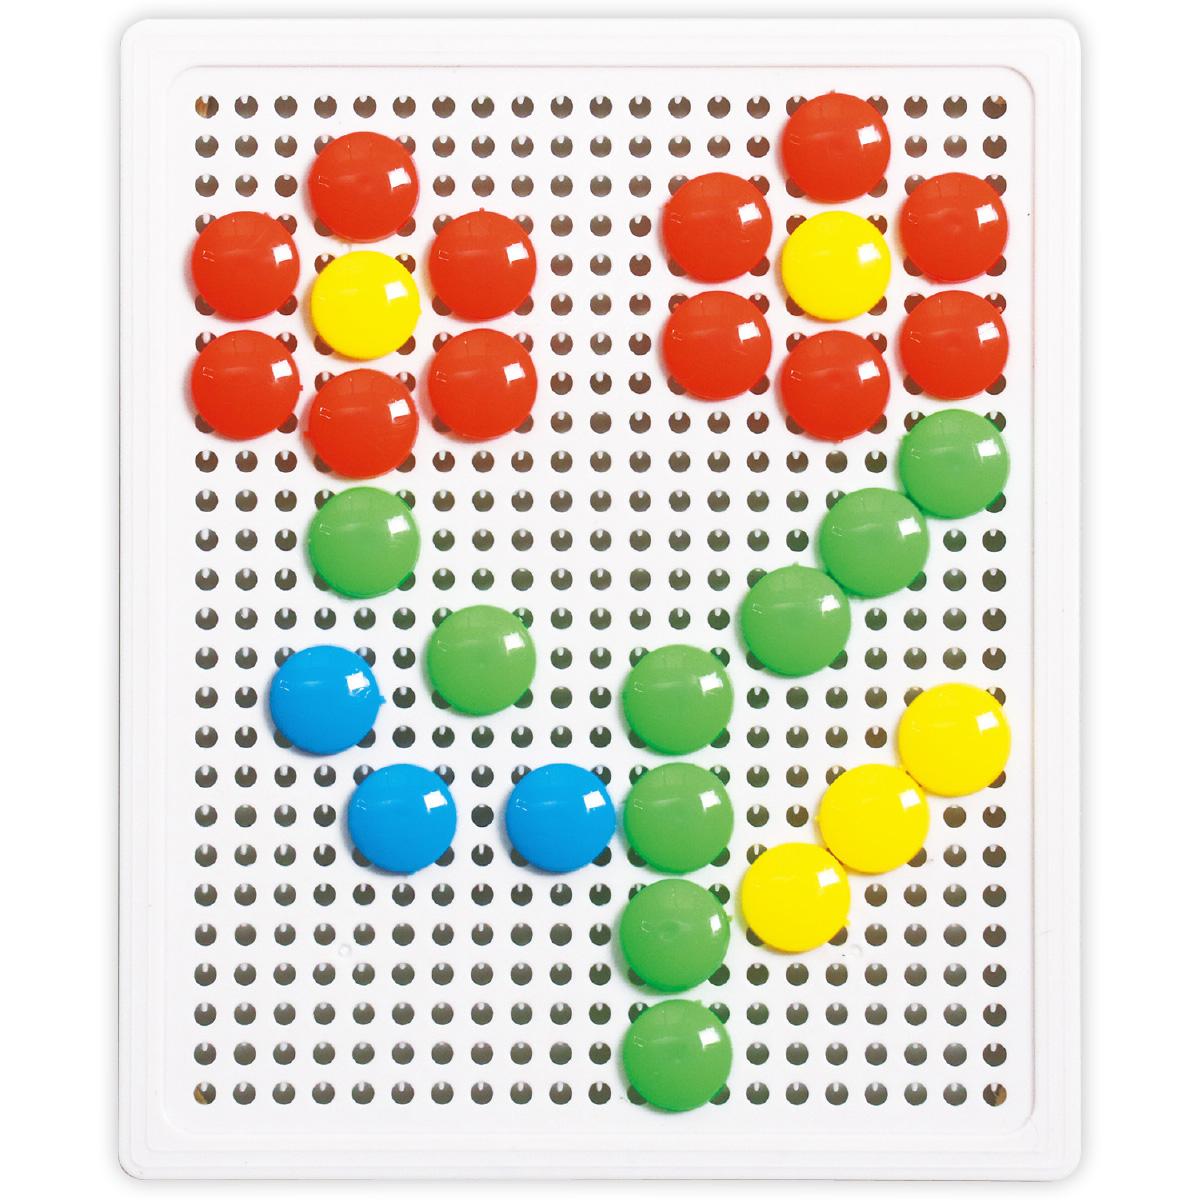 カラフルピンボード アーテック 知育玩具 お絵かき 幼児 キッズ 子供 おもちゃ クリスマスプレゼント